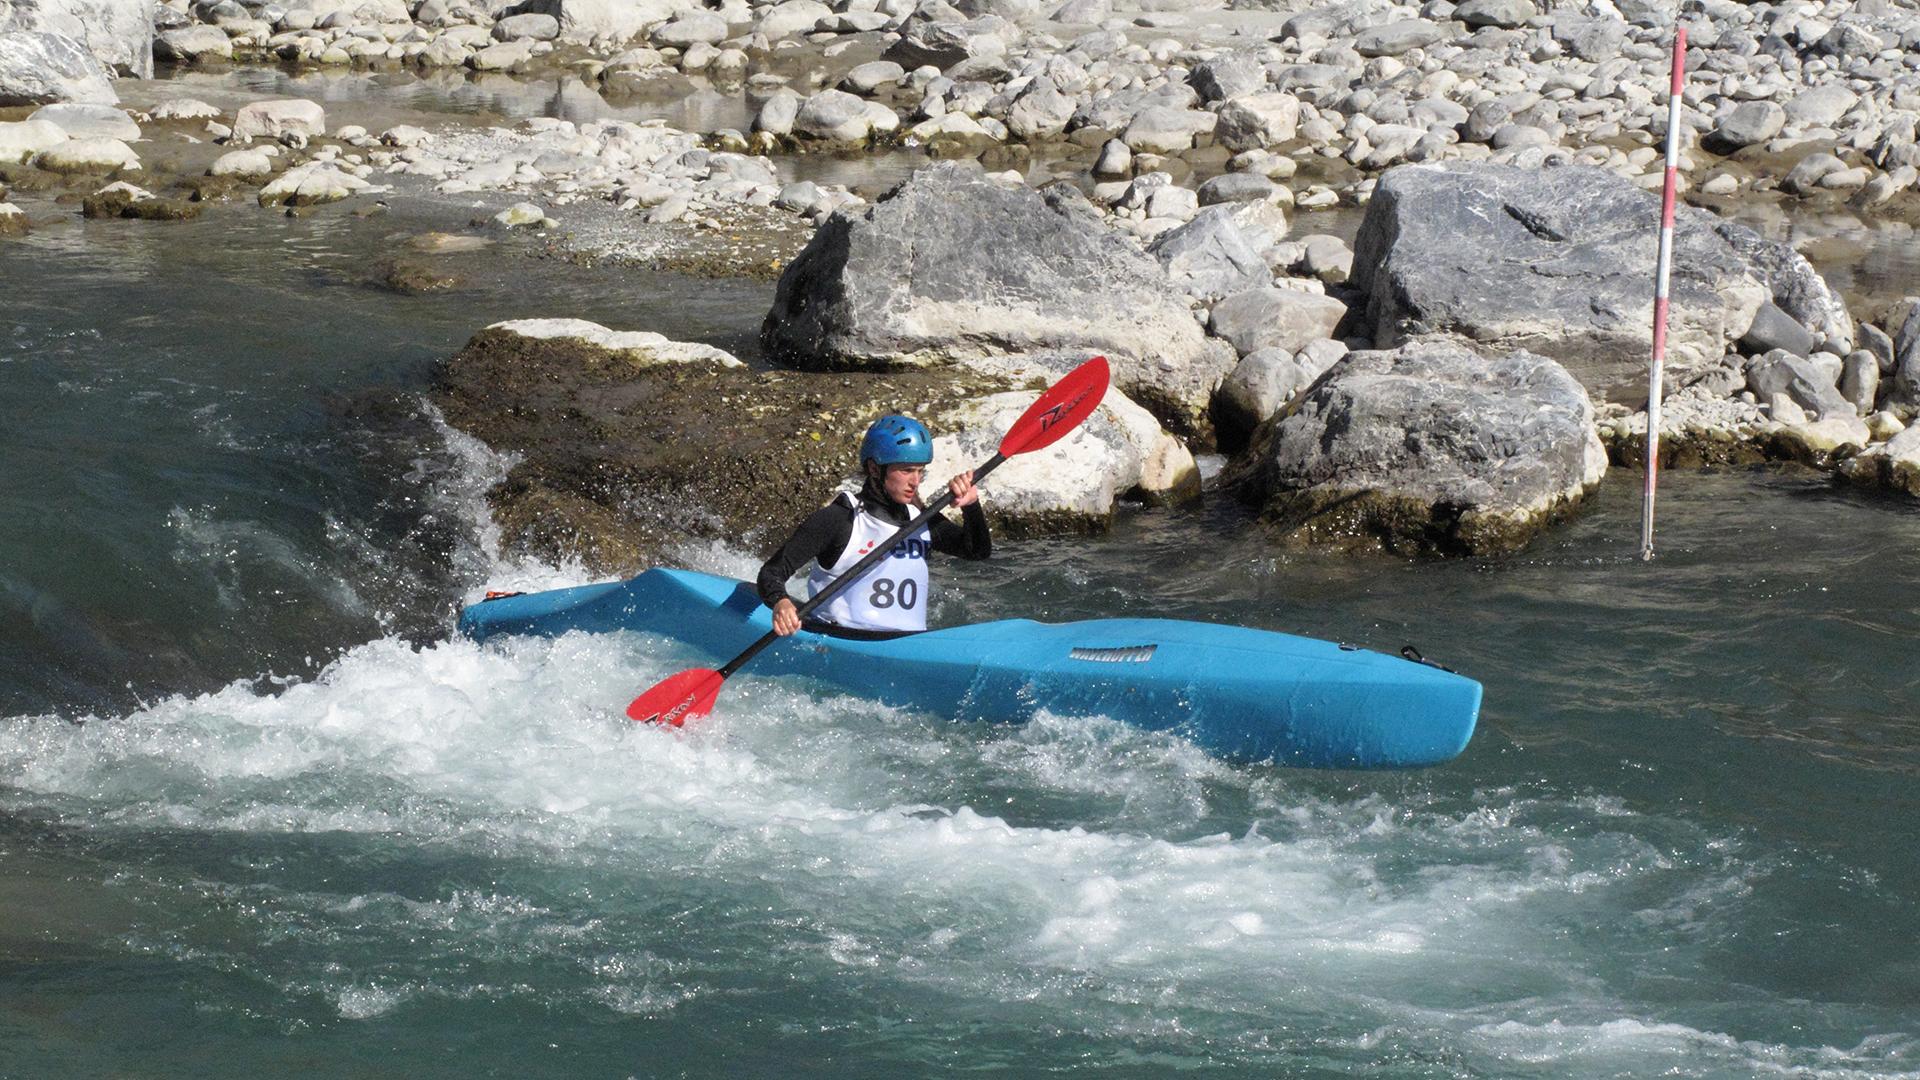 Championnat de France de canoë kayak - CGH Résidences